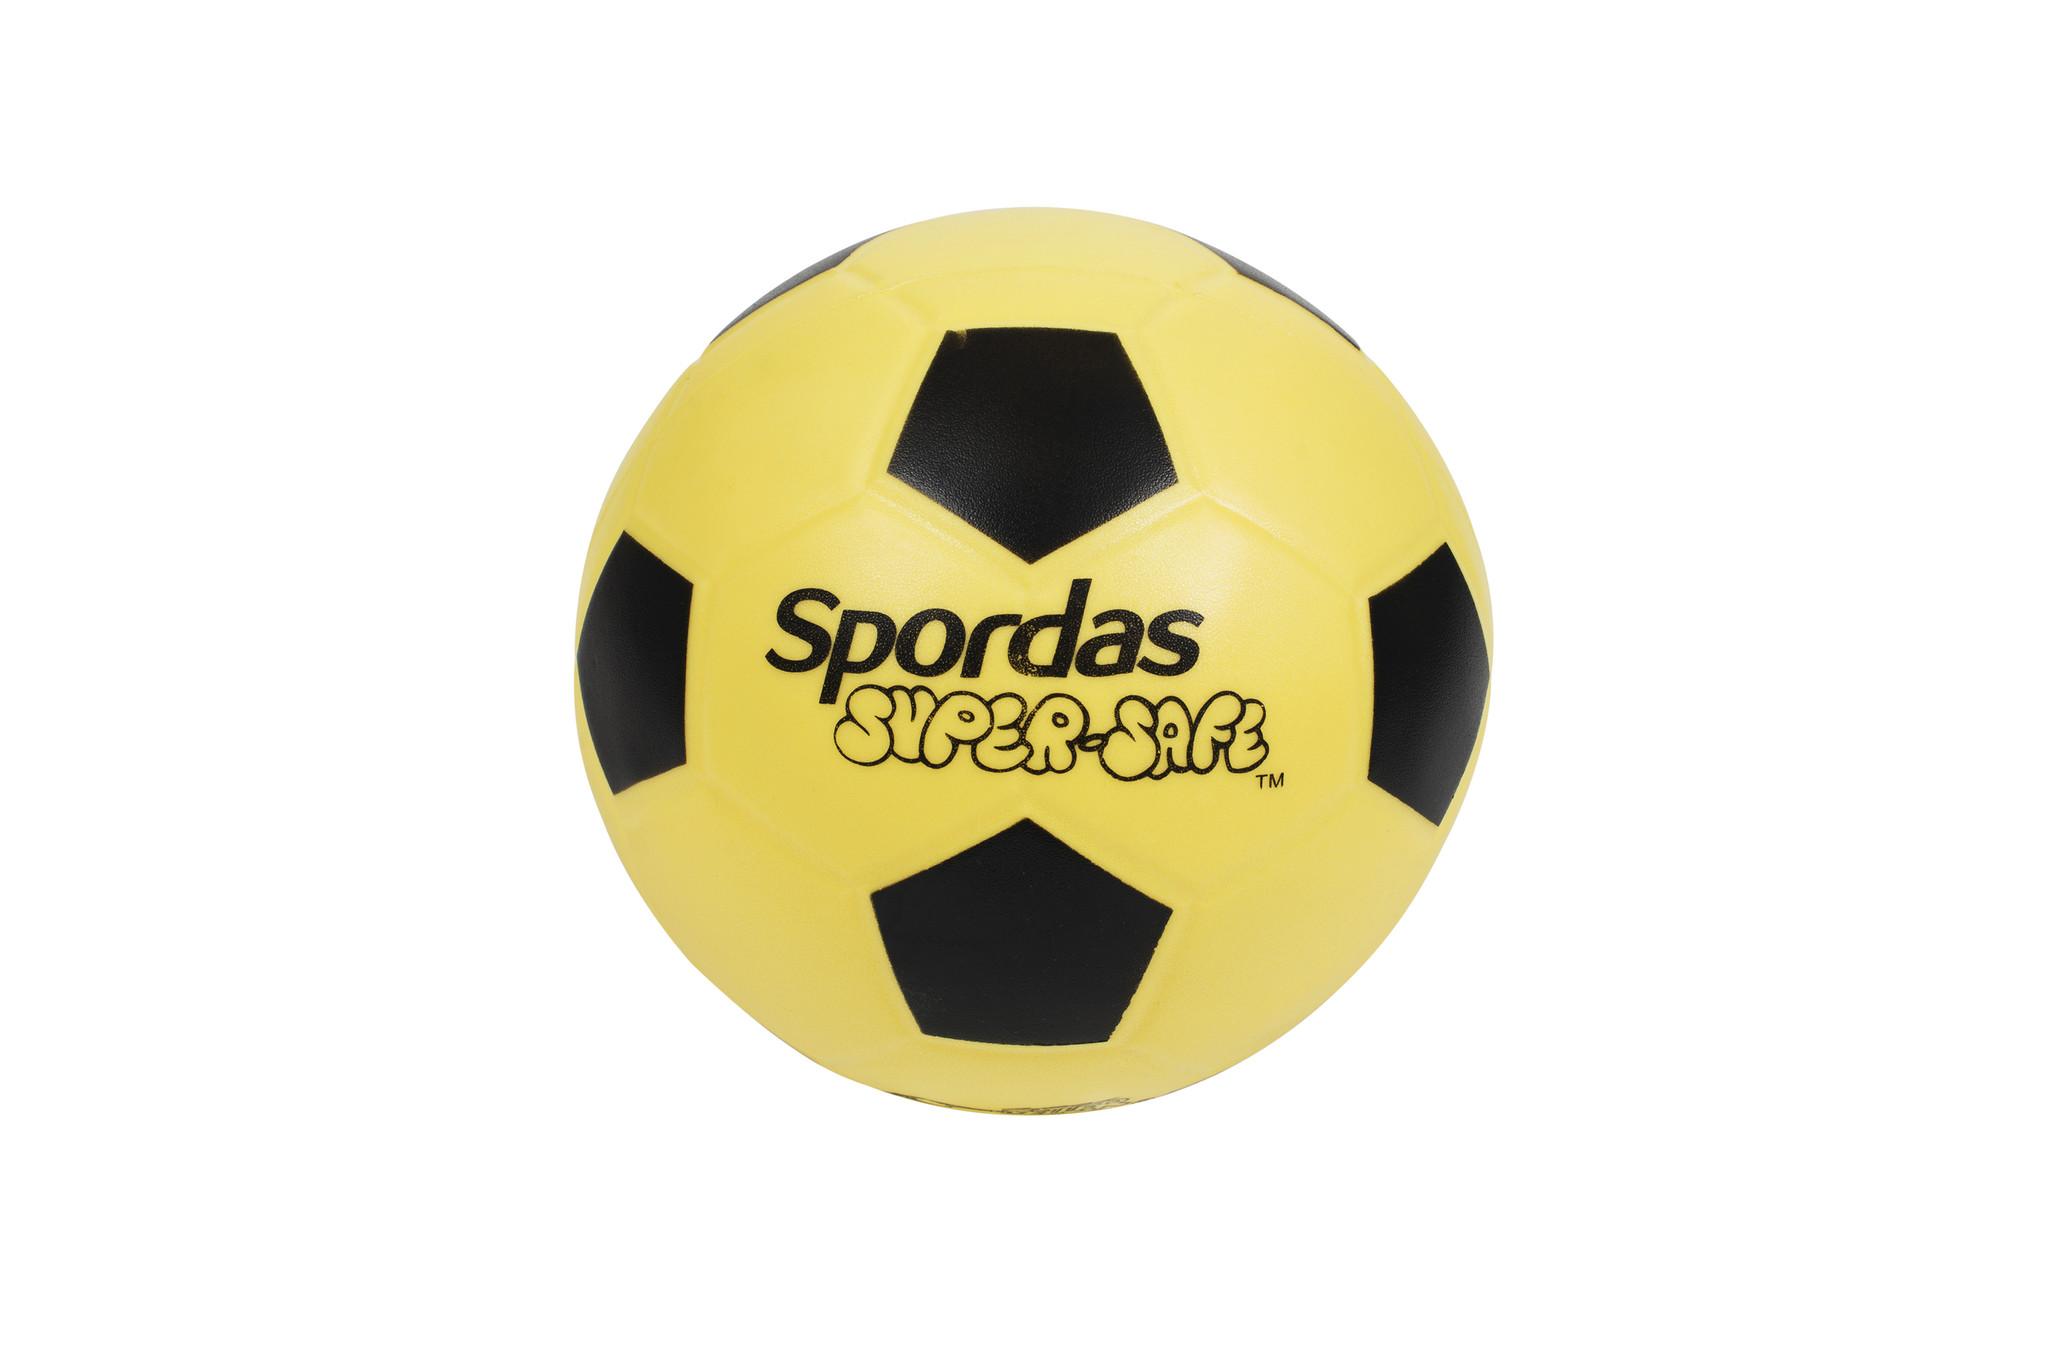 Super veilige handbal  - 15 cm-1